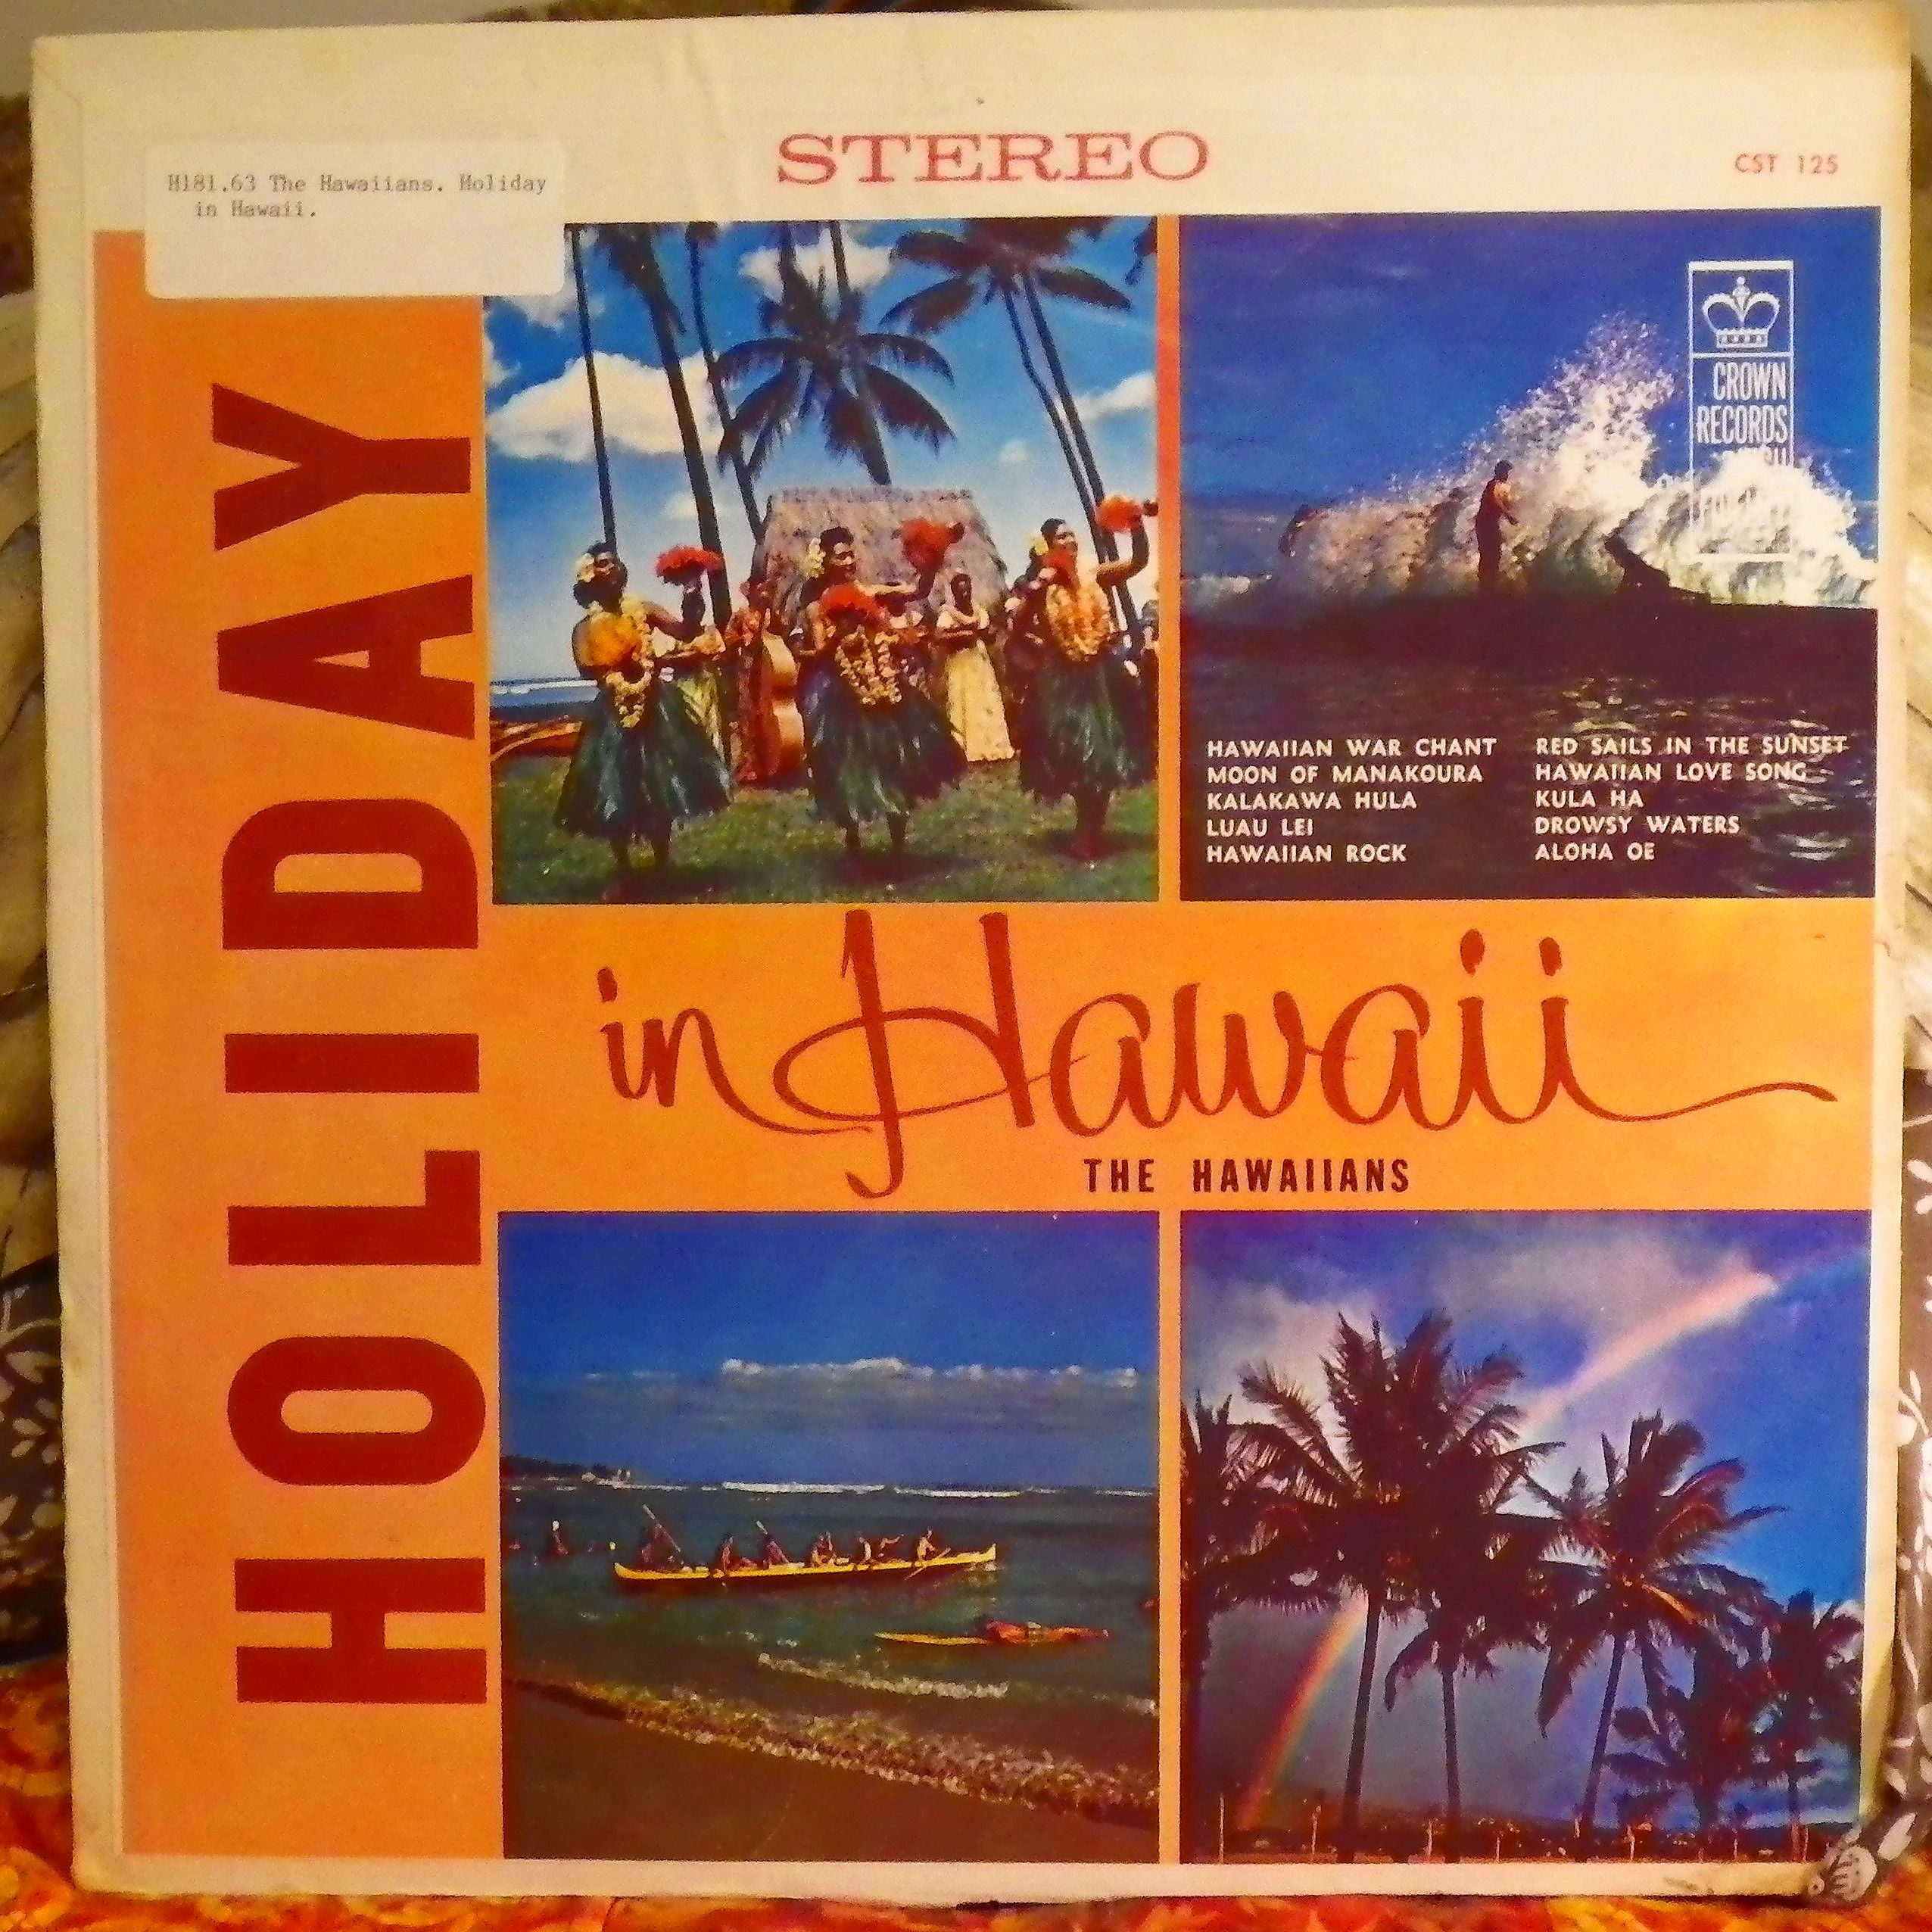 The Hawaiians. Holiday in Hawaii. Los Angeles, Calif